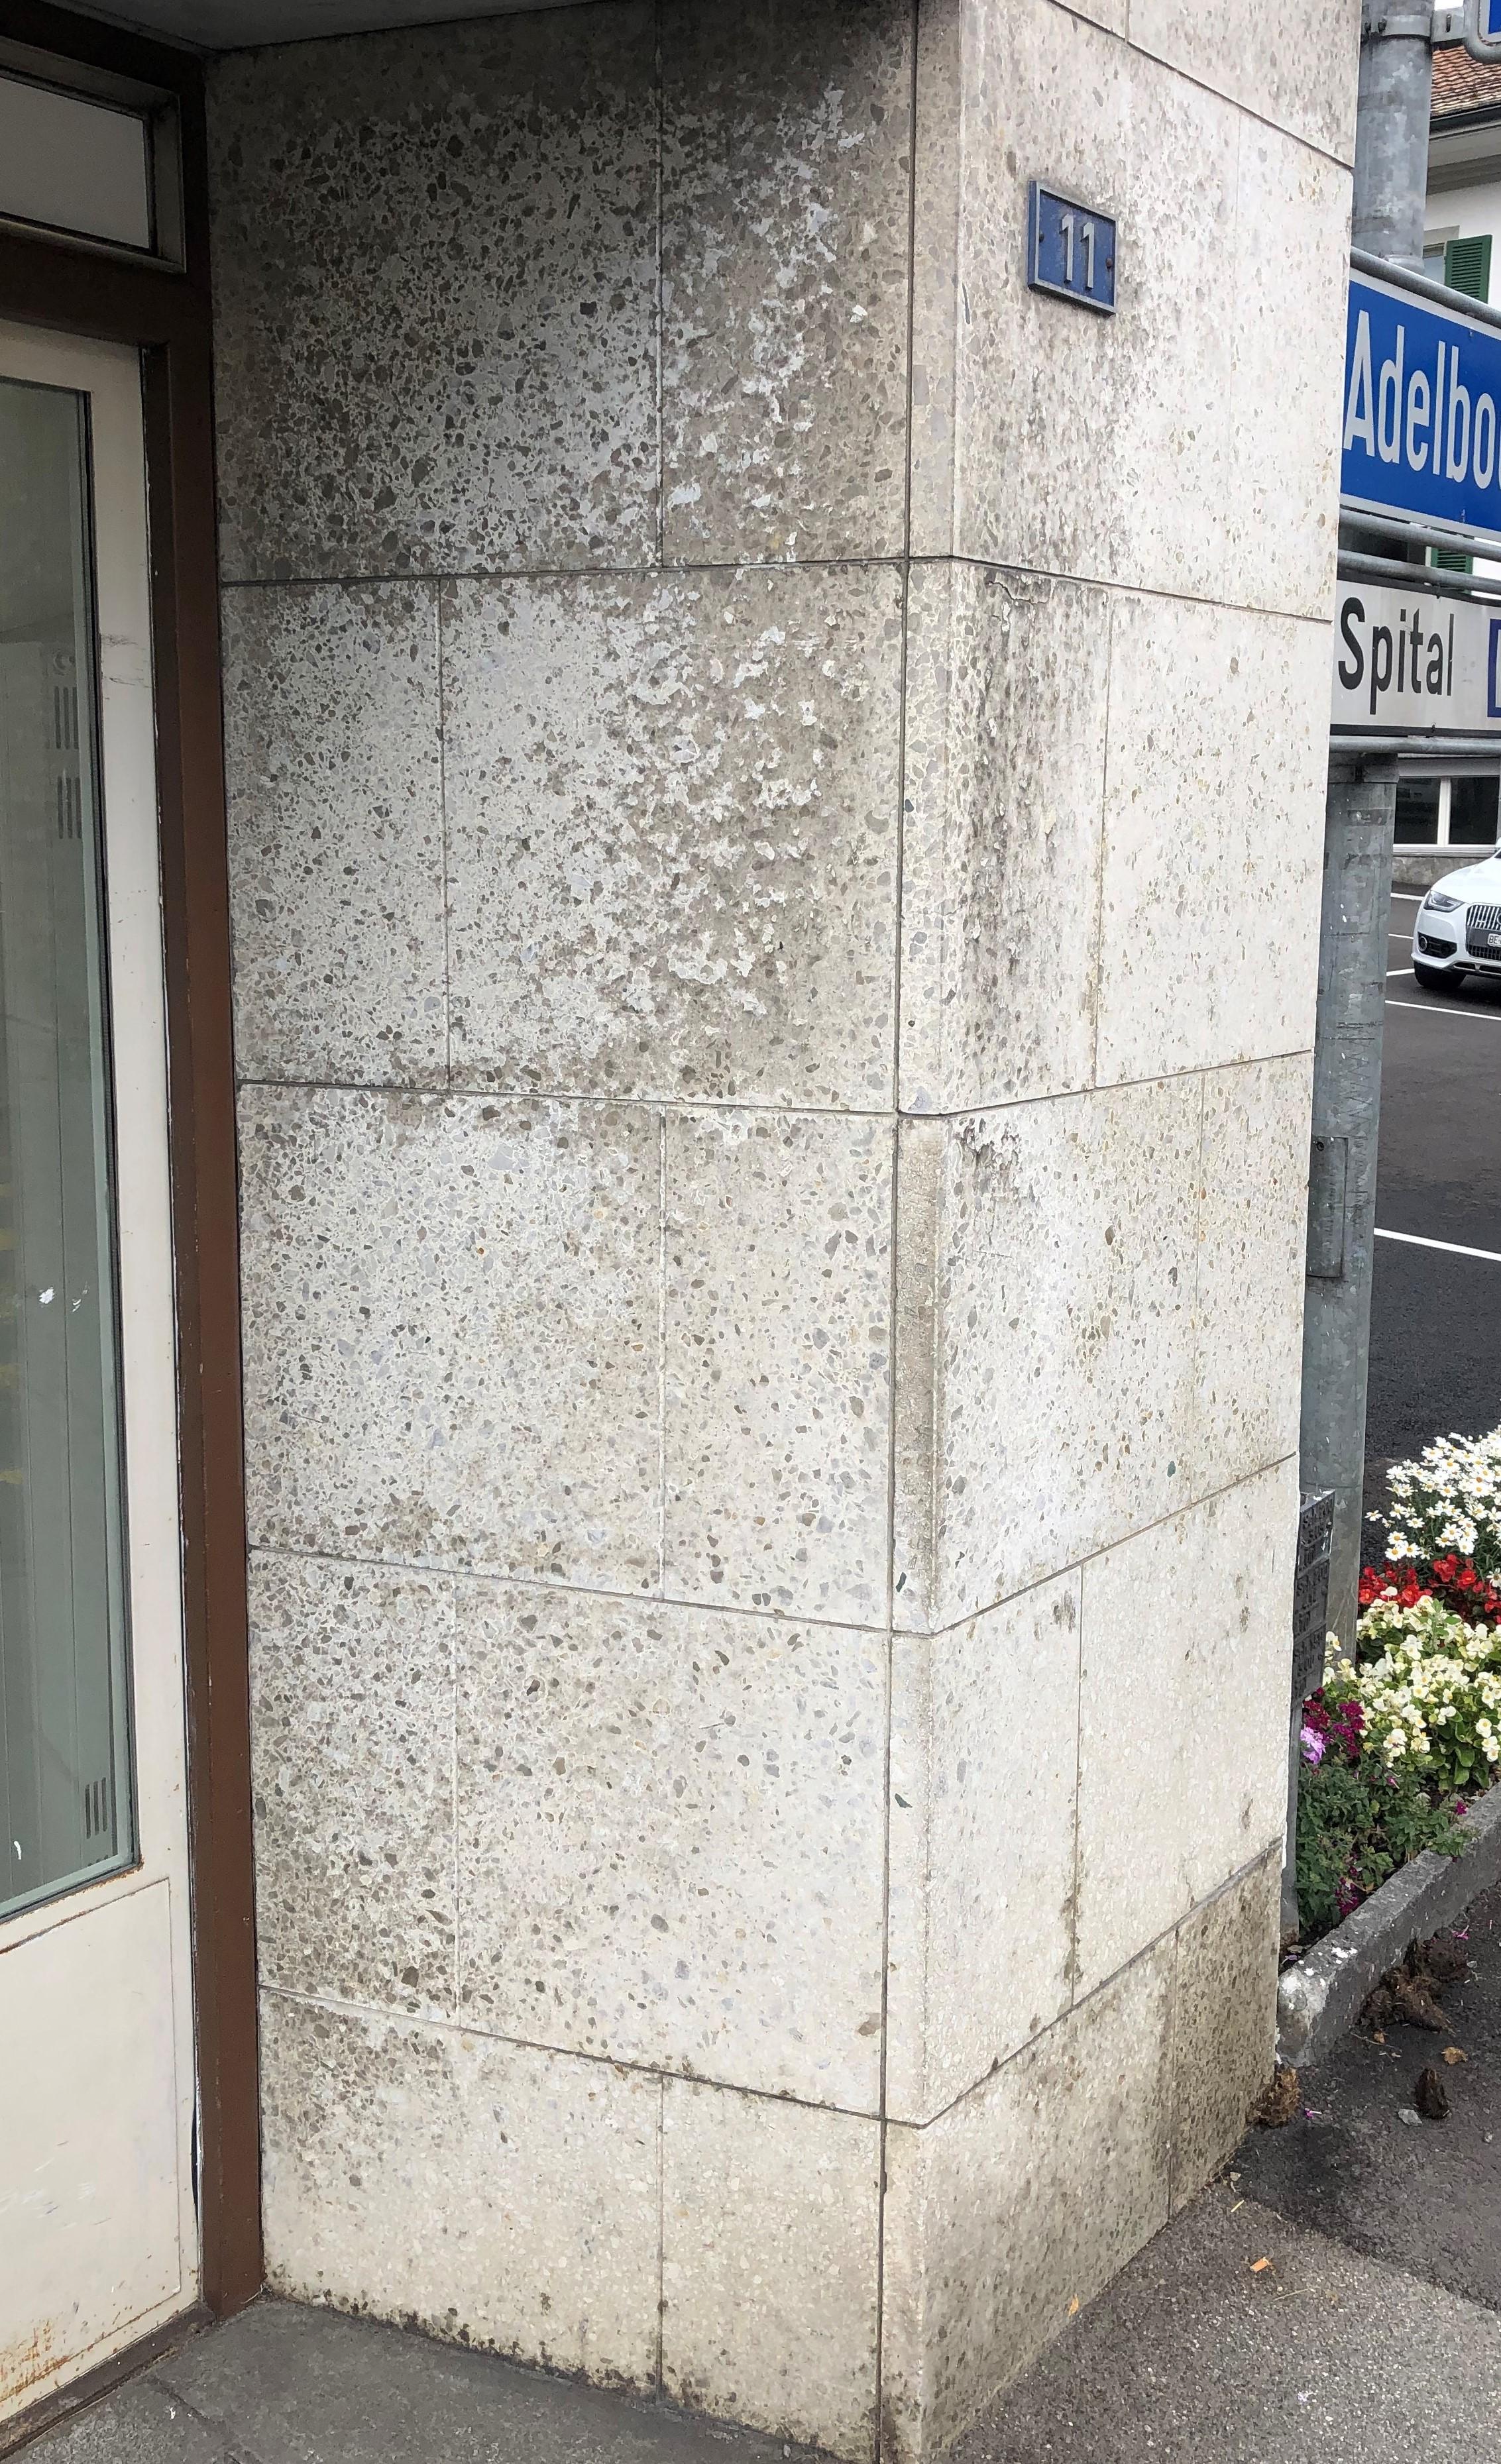 Dreckige Mauer